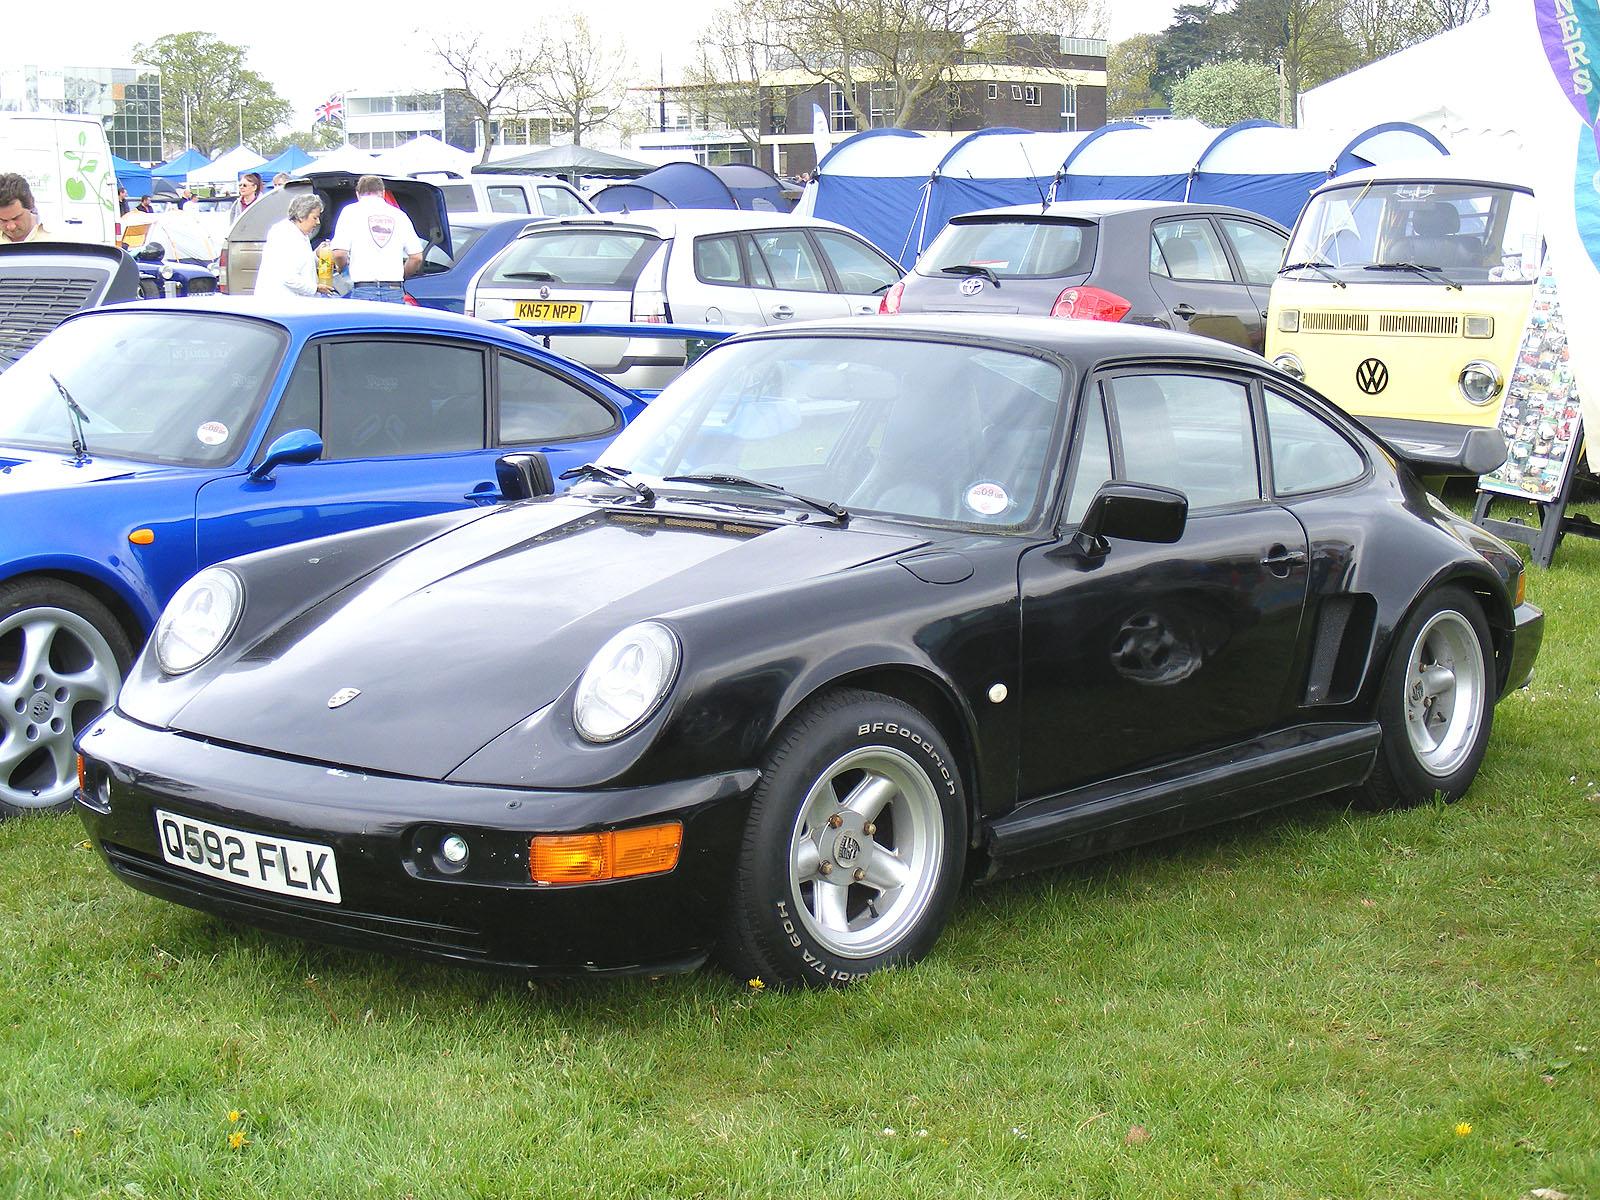 Image View Covin Porsche 911 Replica